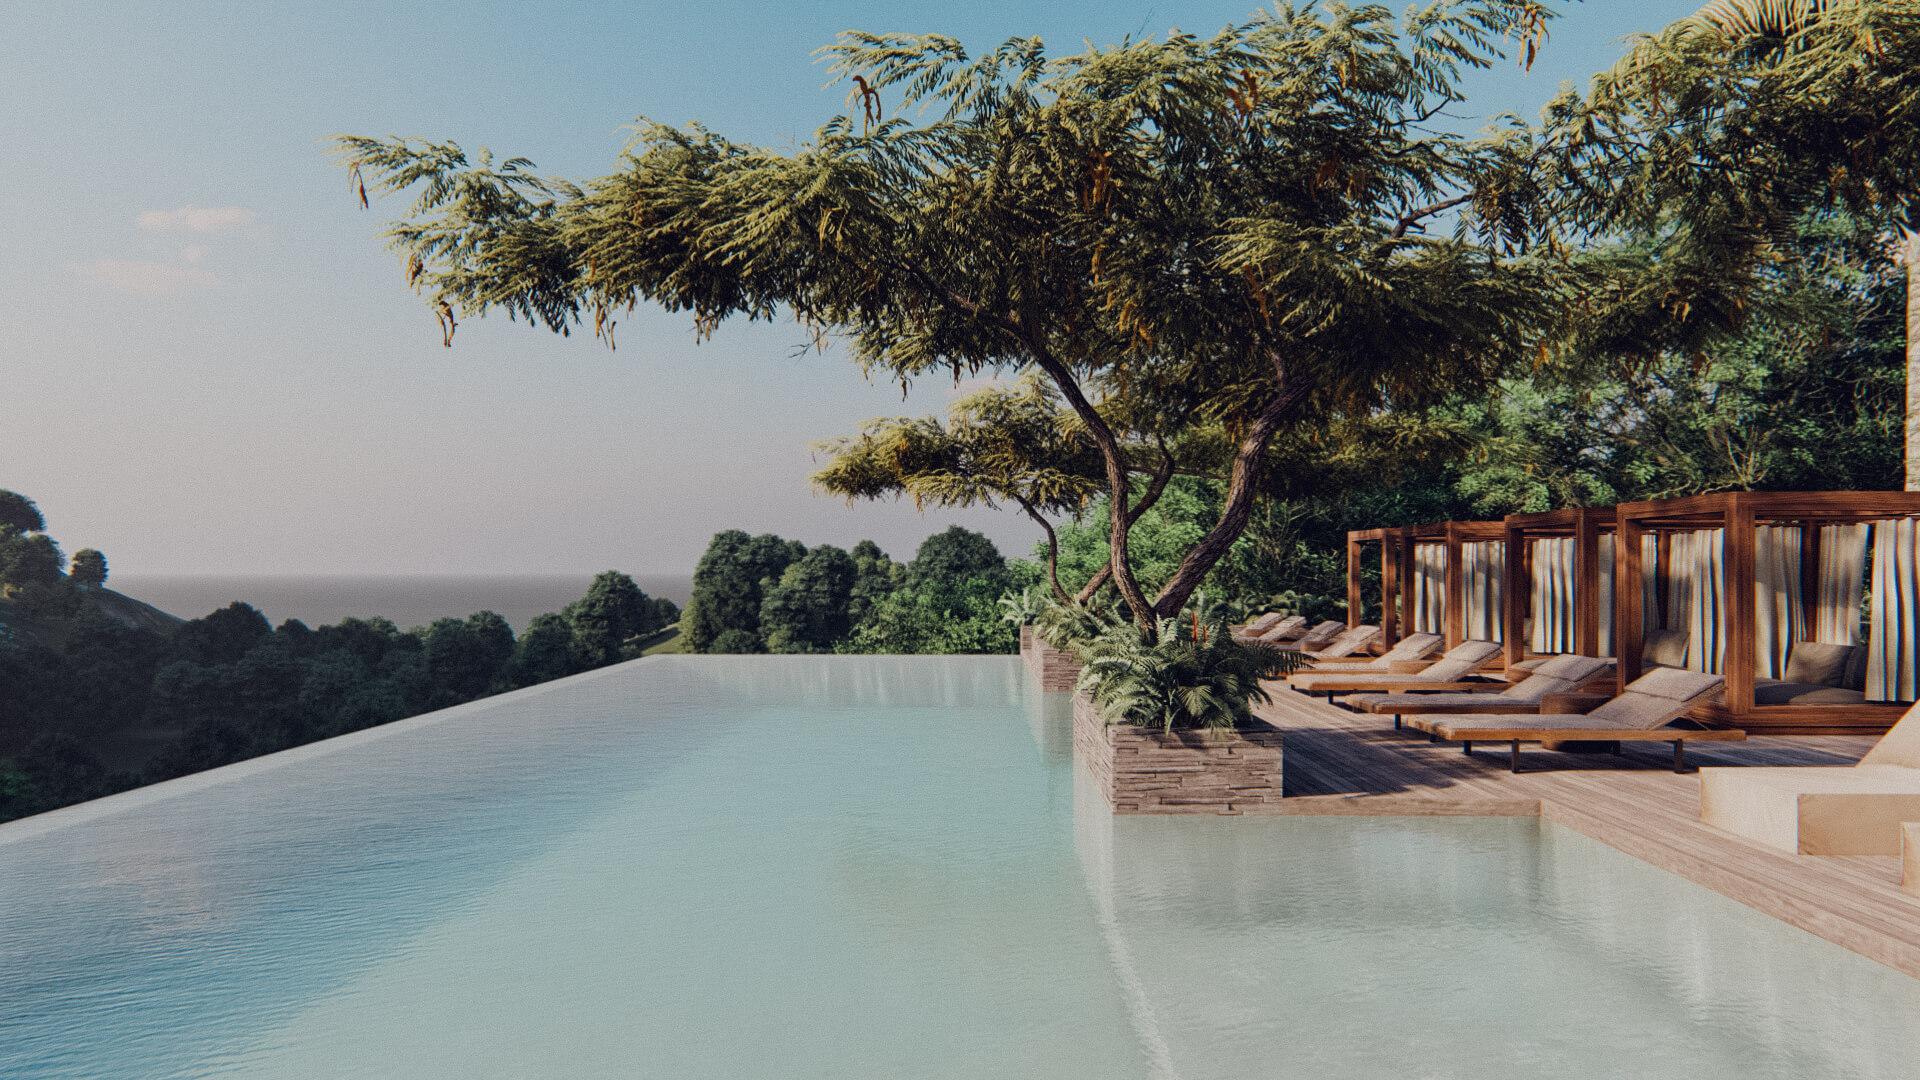 Resort Hotel Swimming Pool Lombok Bali Architect 01